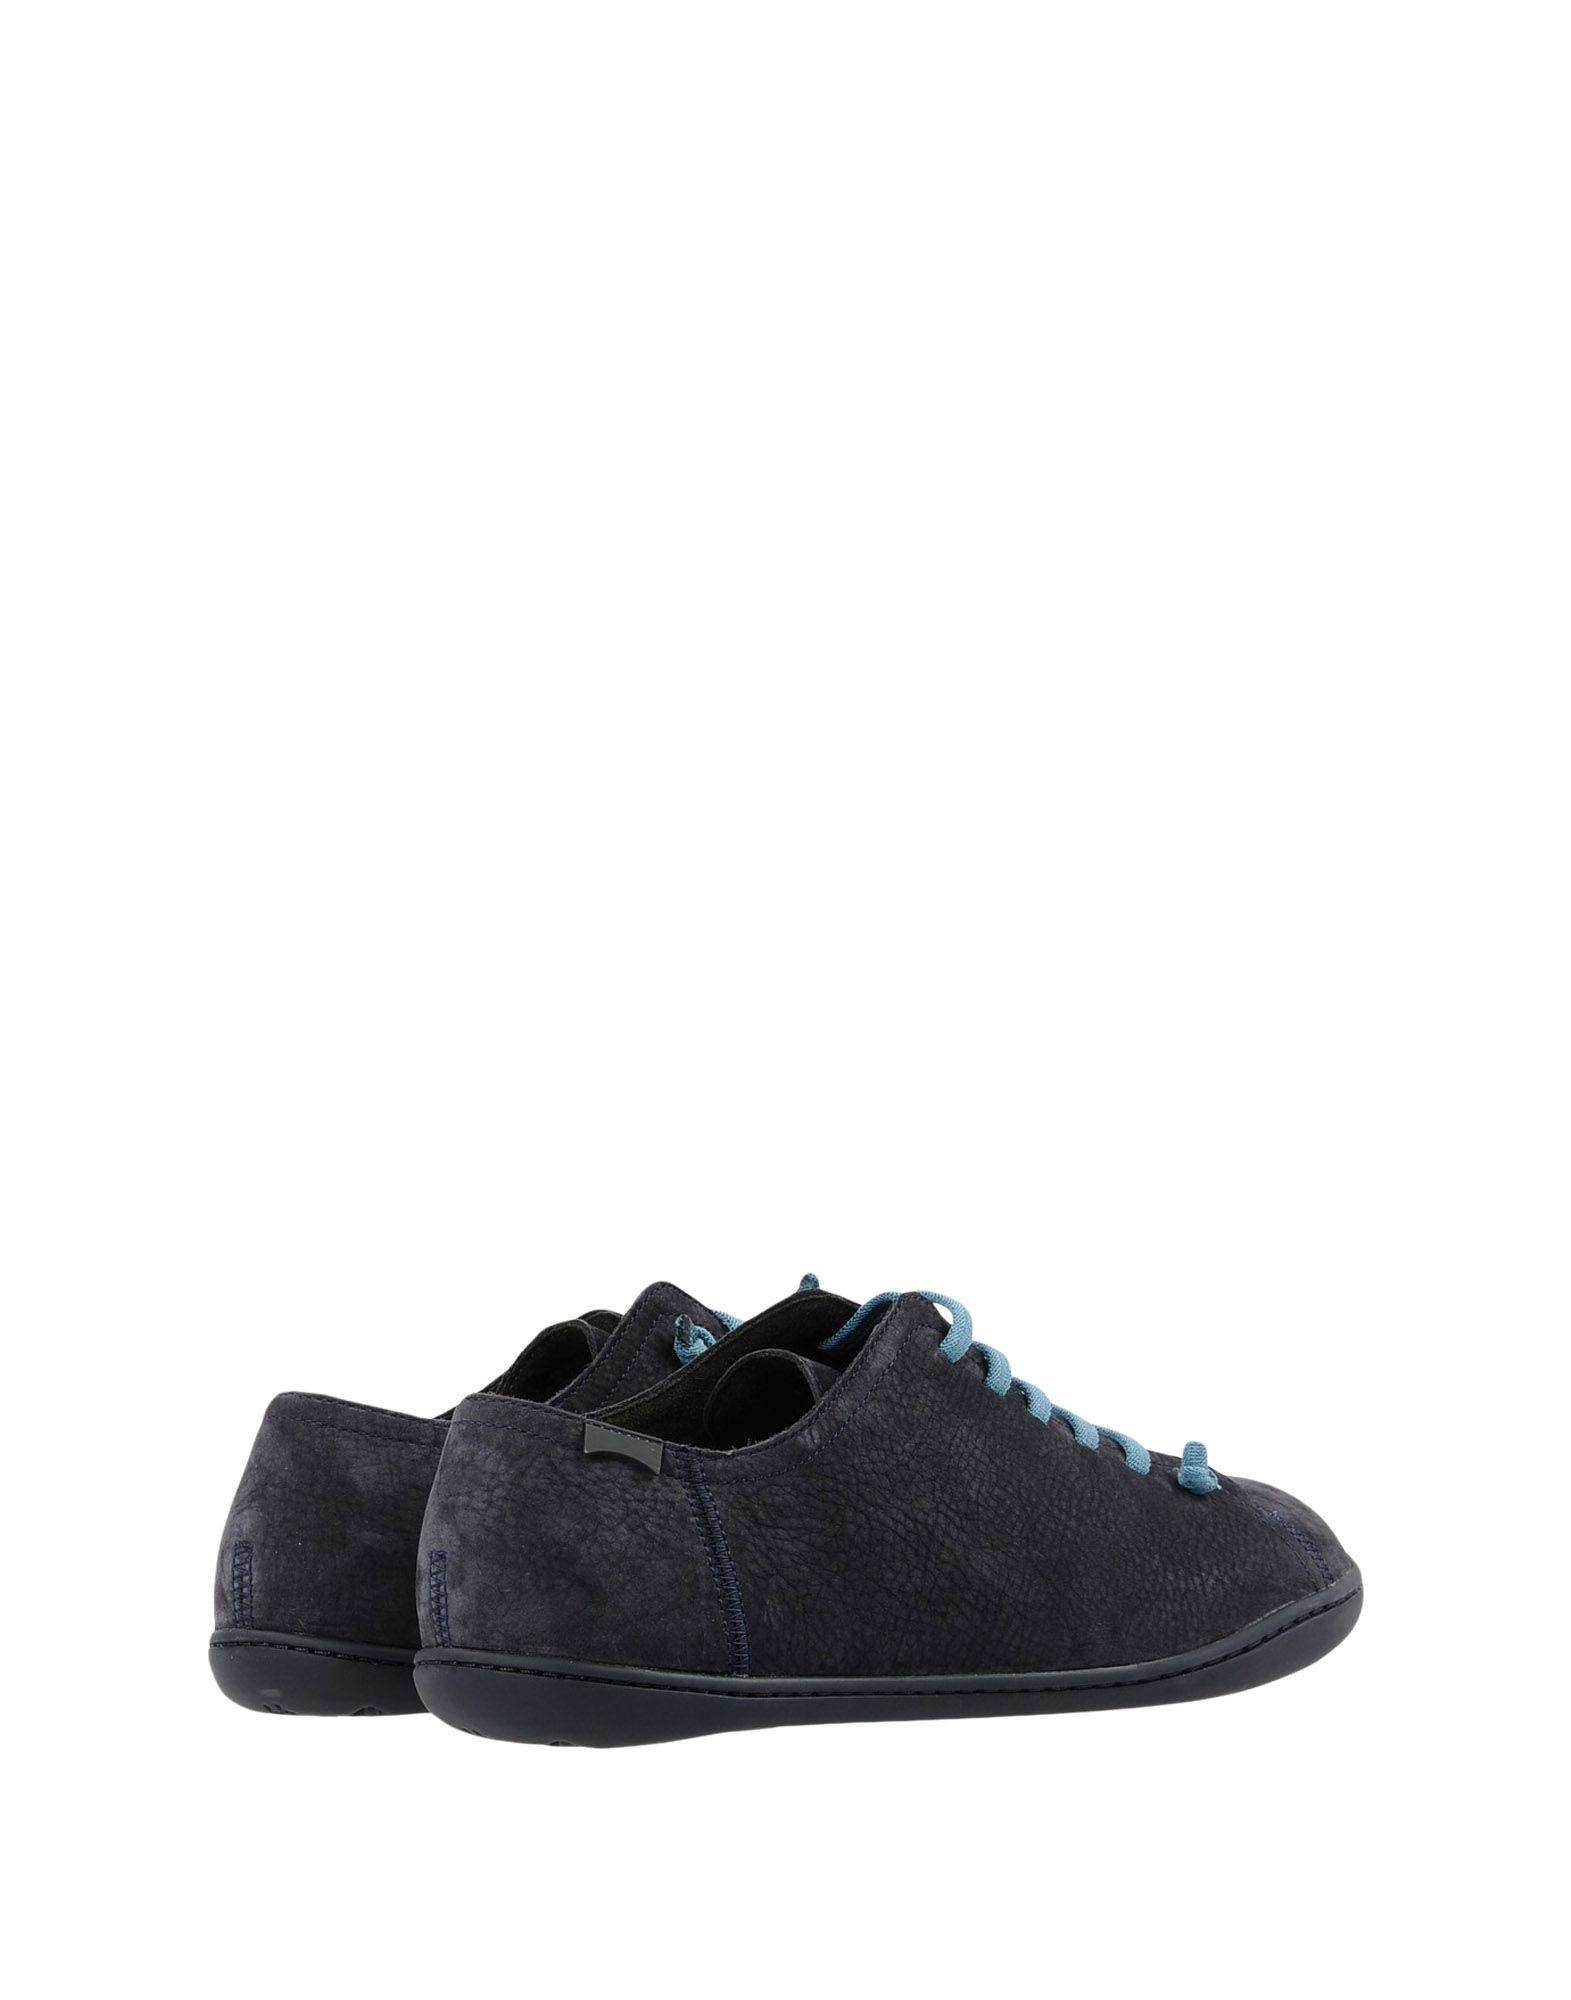 Sneakers Camper Peu Cami - Homme - Sneakers Camper sur